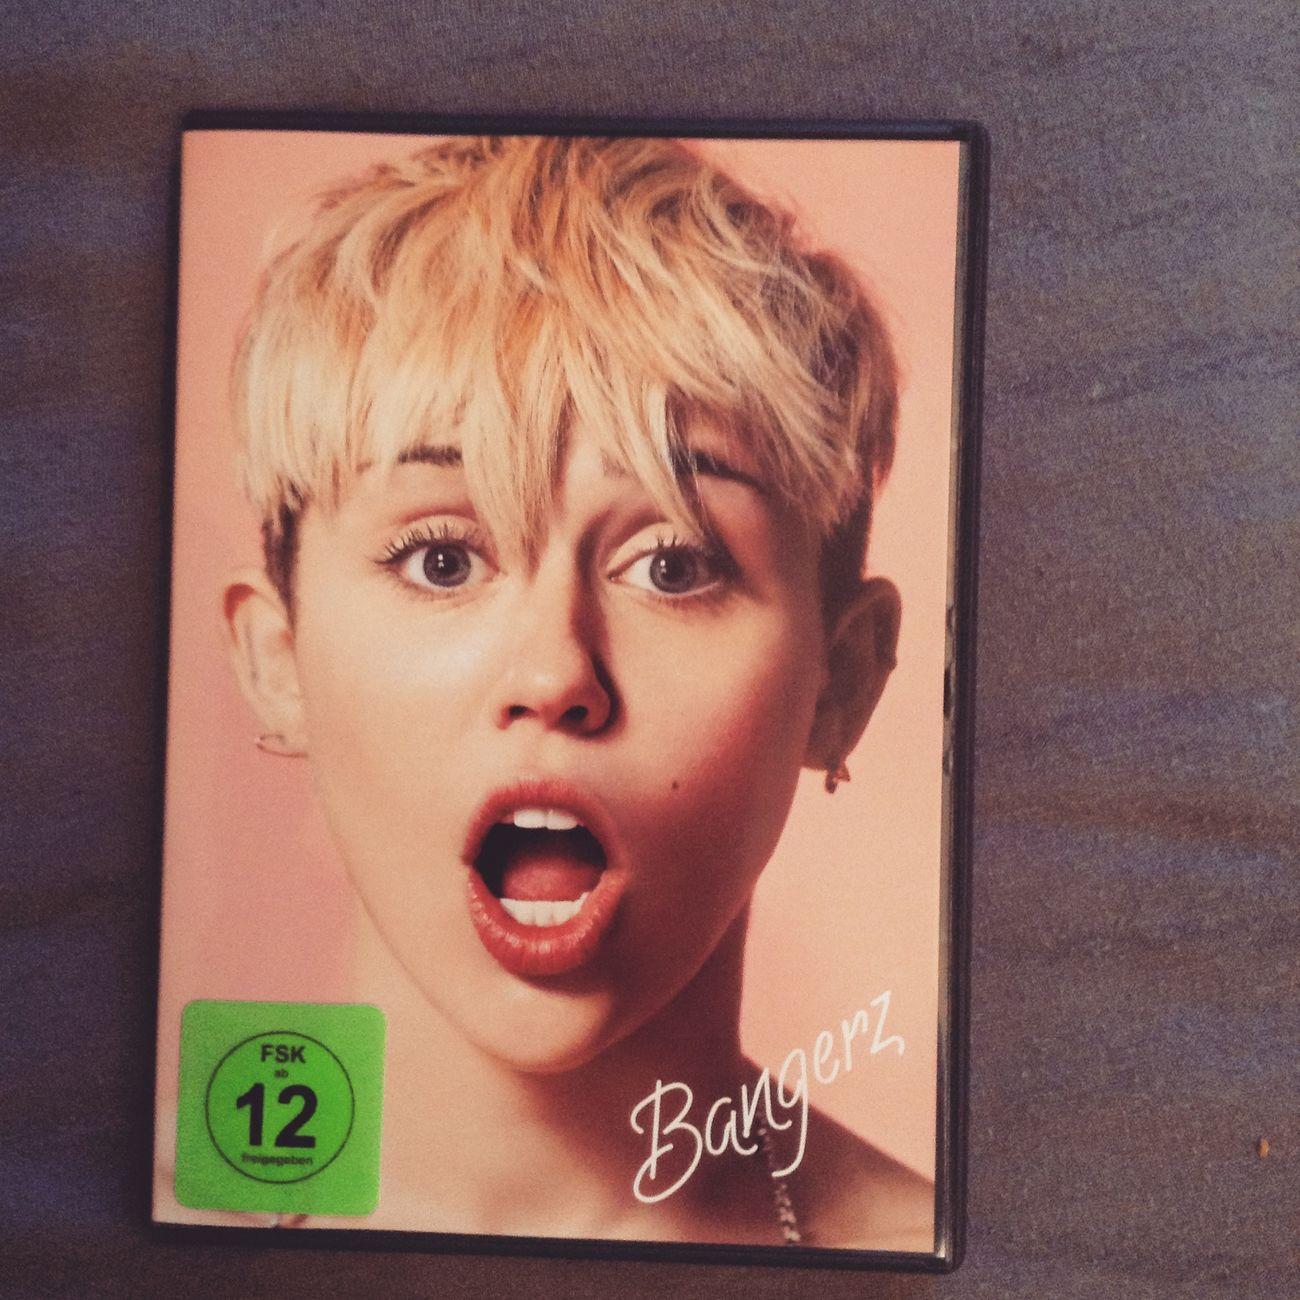 Mileycyrus Miley Cyrus Miley Bangerz BangerzTour2014 BangerzTour DVD Bangerzdvd BangerzWorldTour Bangerztourdublin